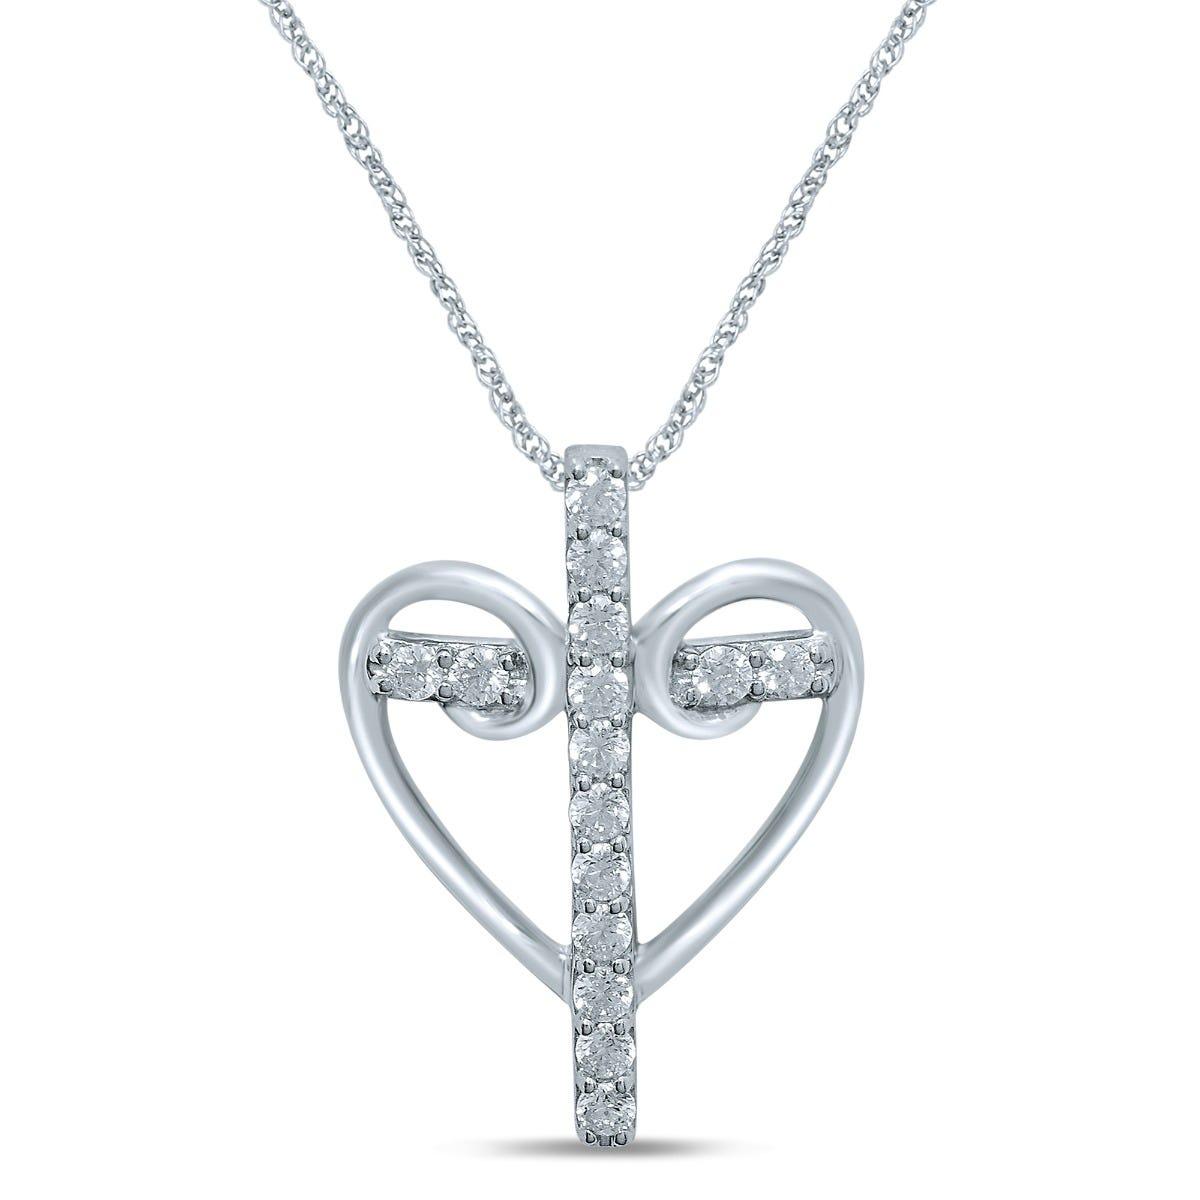 Diamond 1/4ctw. Cross in Scroll Heart Pendant in 10k White Gold